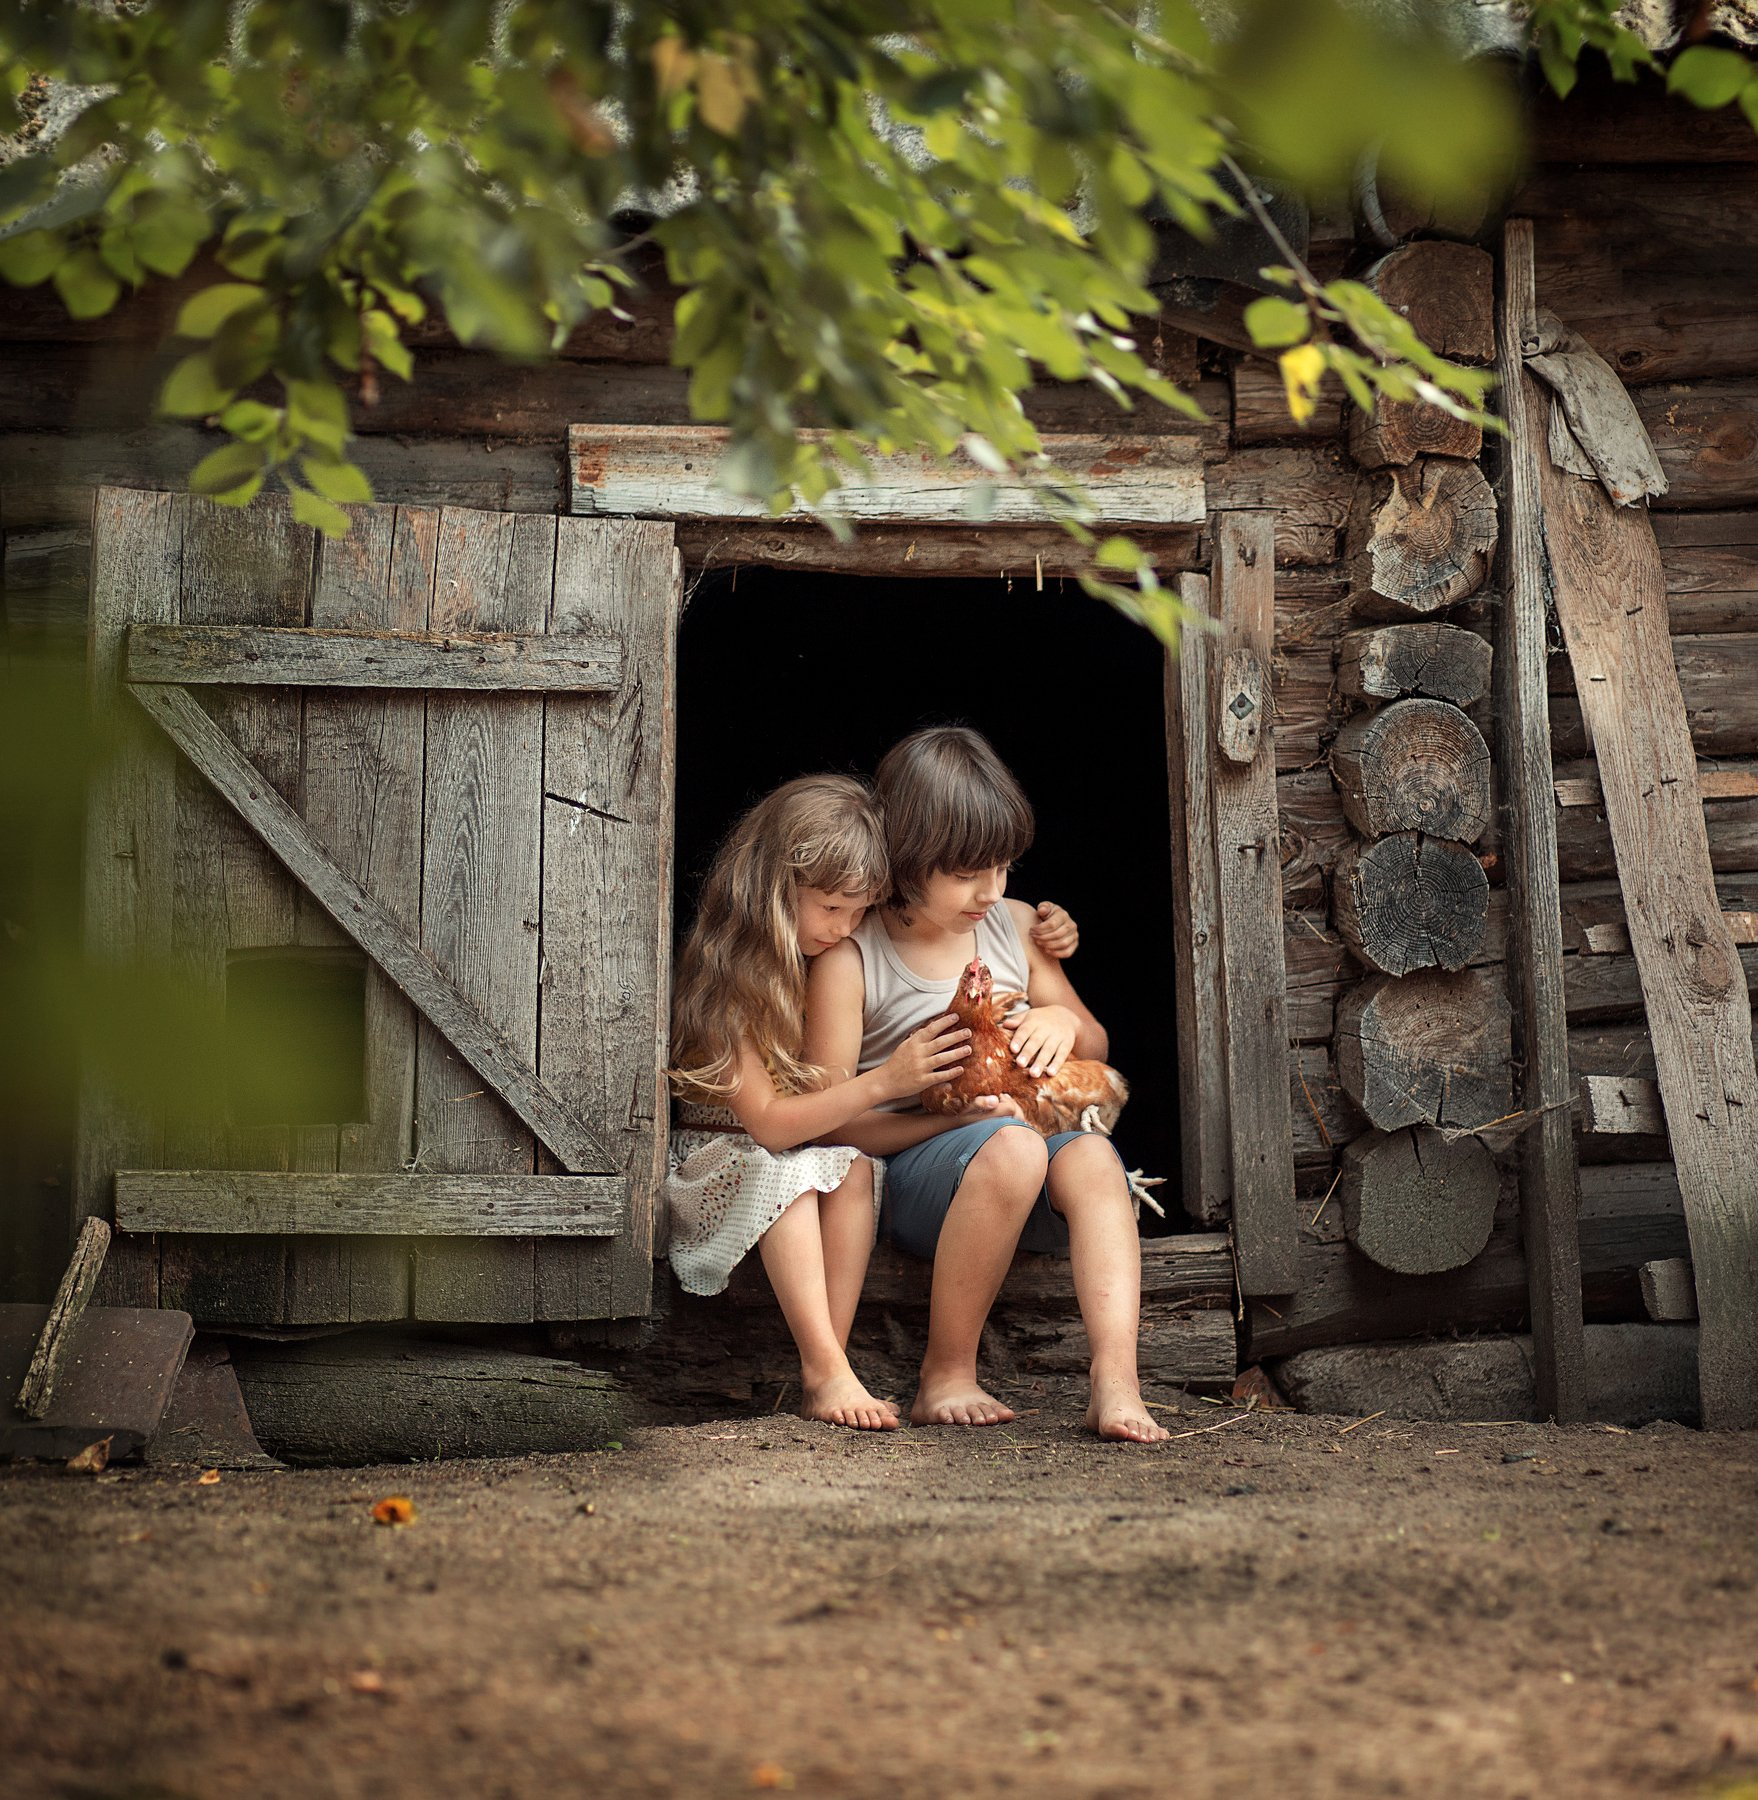 курятник, деревня, мальчик, девочка, курица, дети, каникулы, отдых, Бобровская Людмила